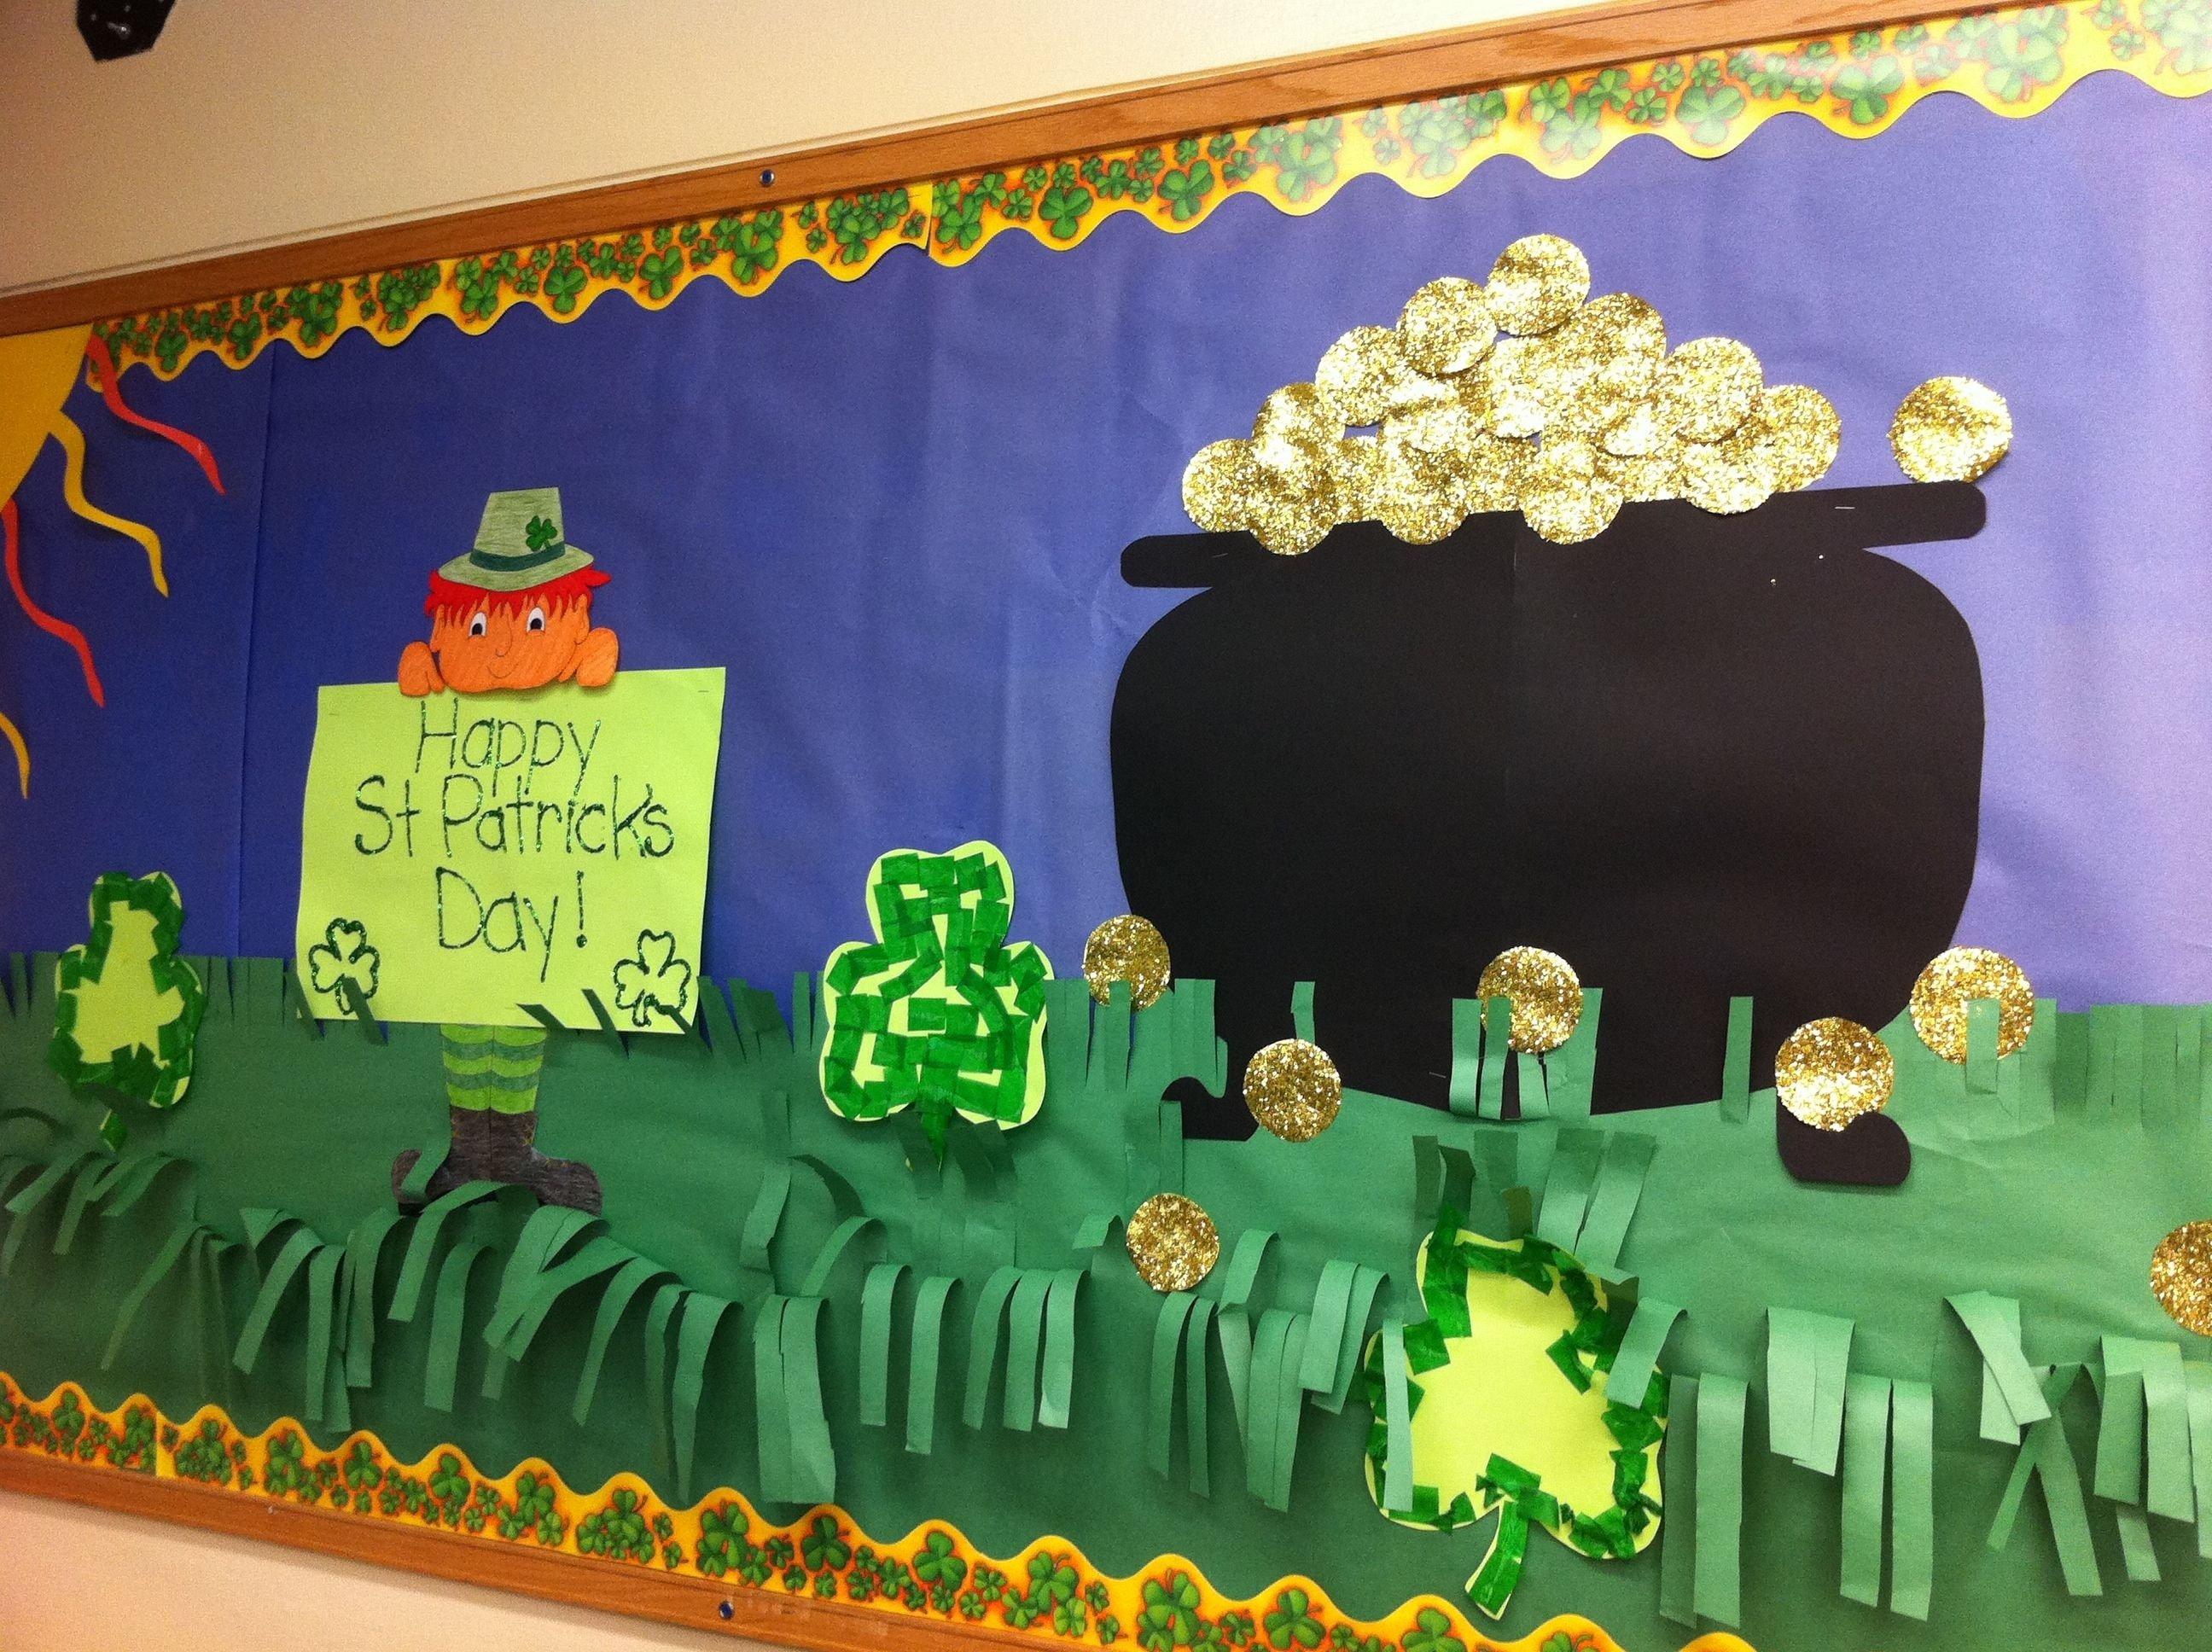 10 Awesome March Preschool Bulletin Board Ideas march bulletin board school ideas pinterest bulletin board 2020